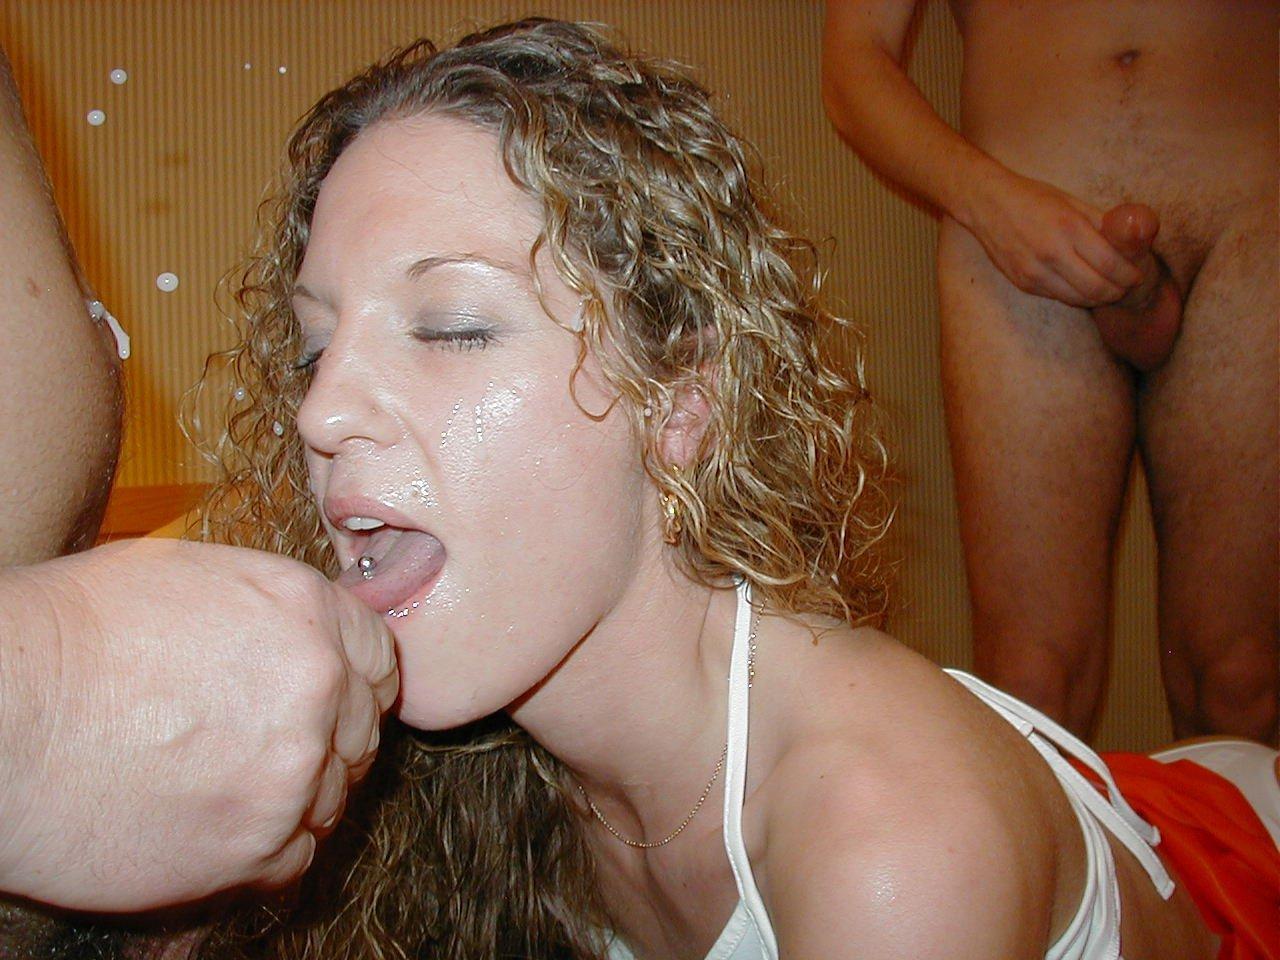 ugly woman bukkake